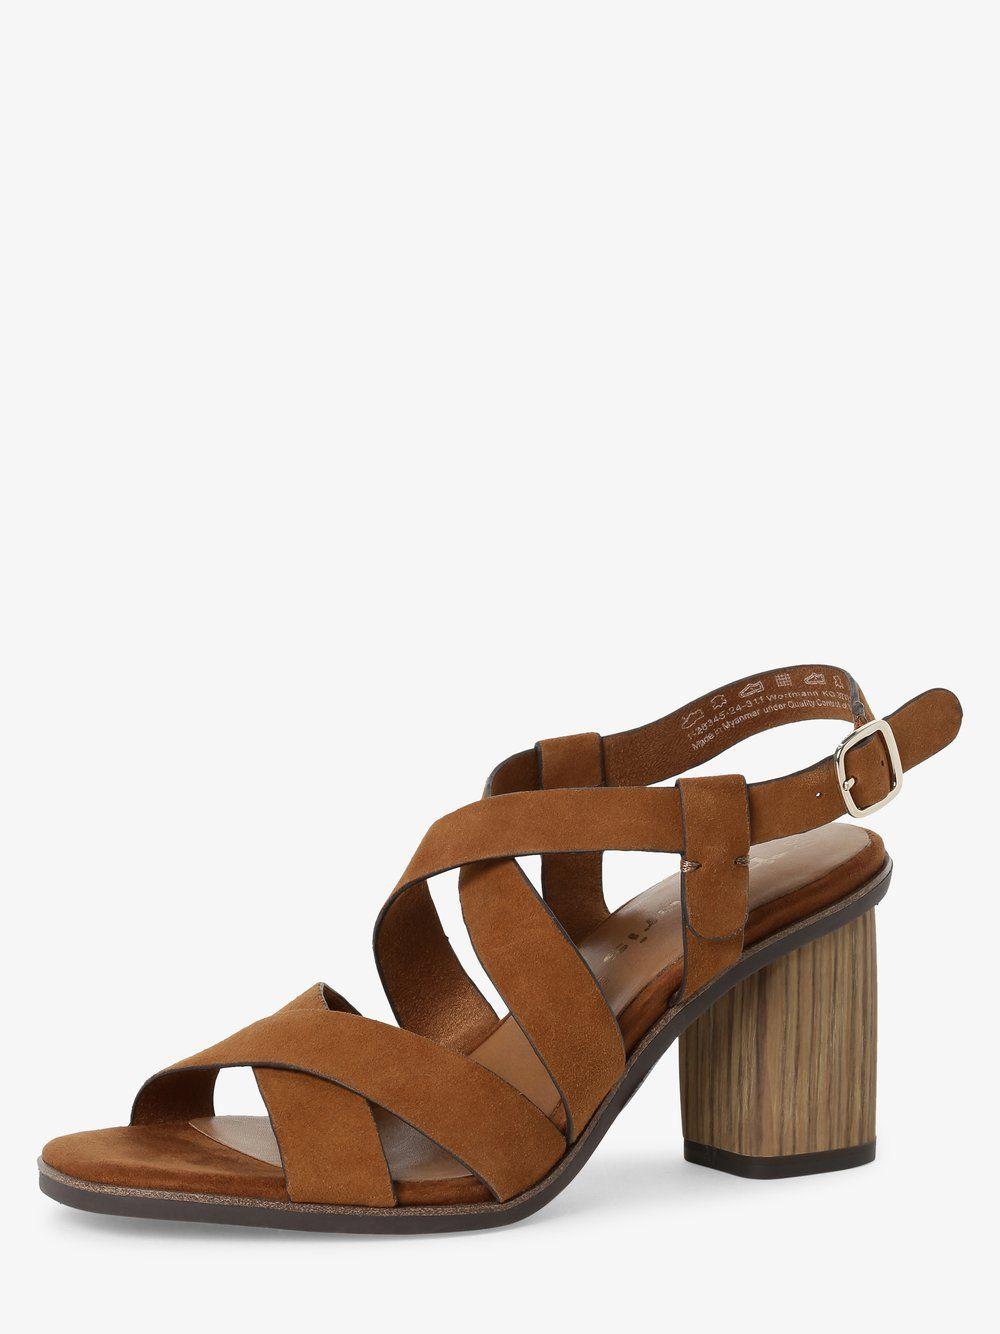 Damen Sandaletten aus Leder in 2020 | Leder, Sandaletten und